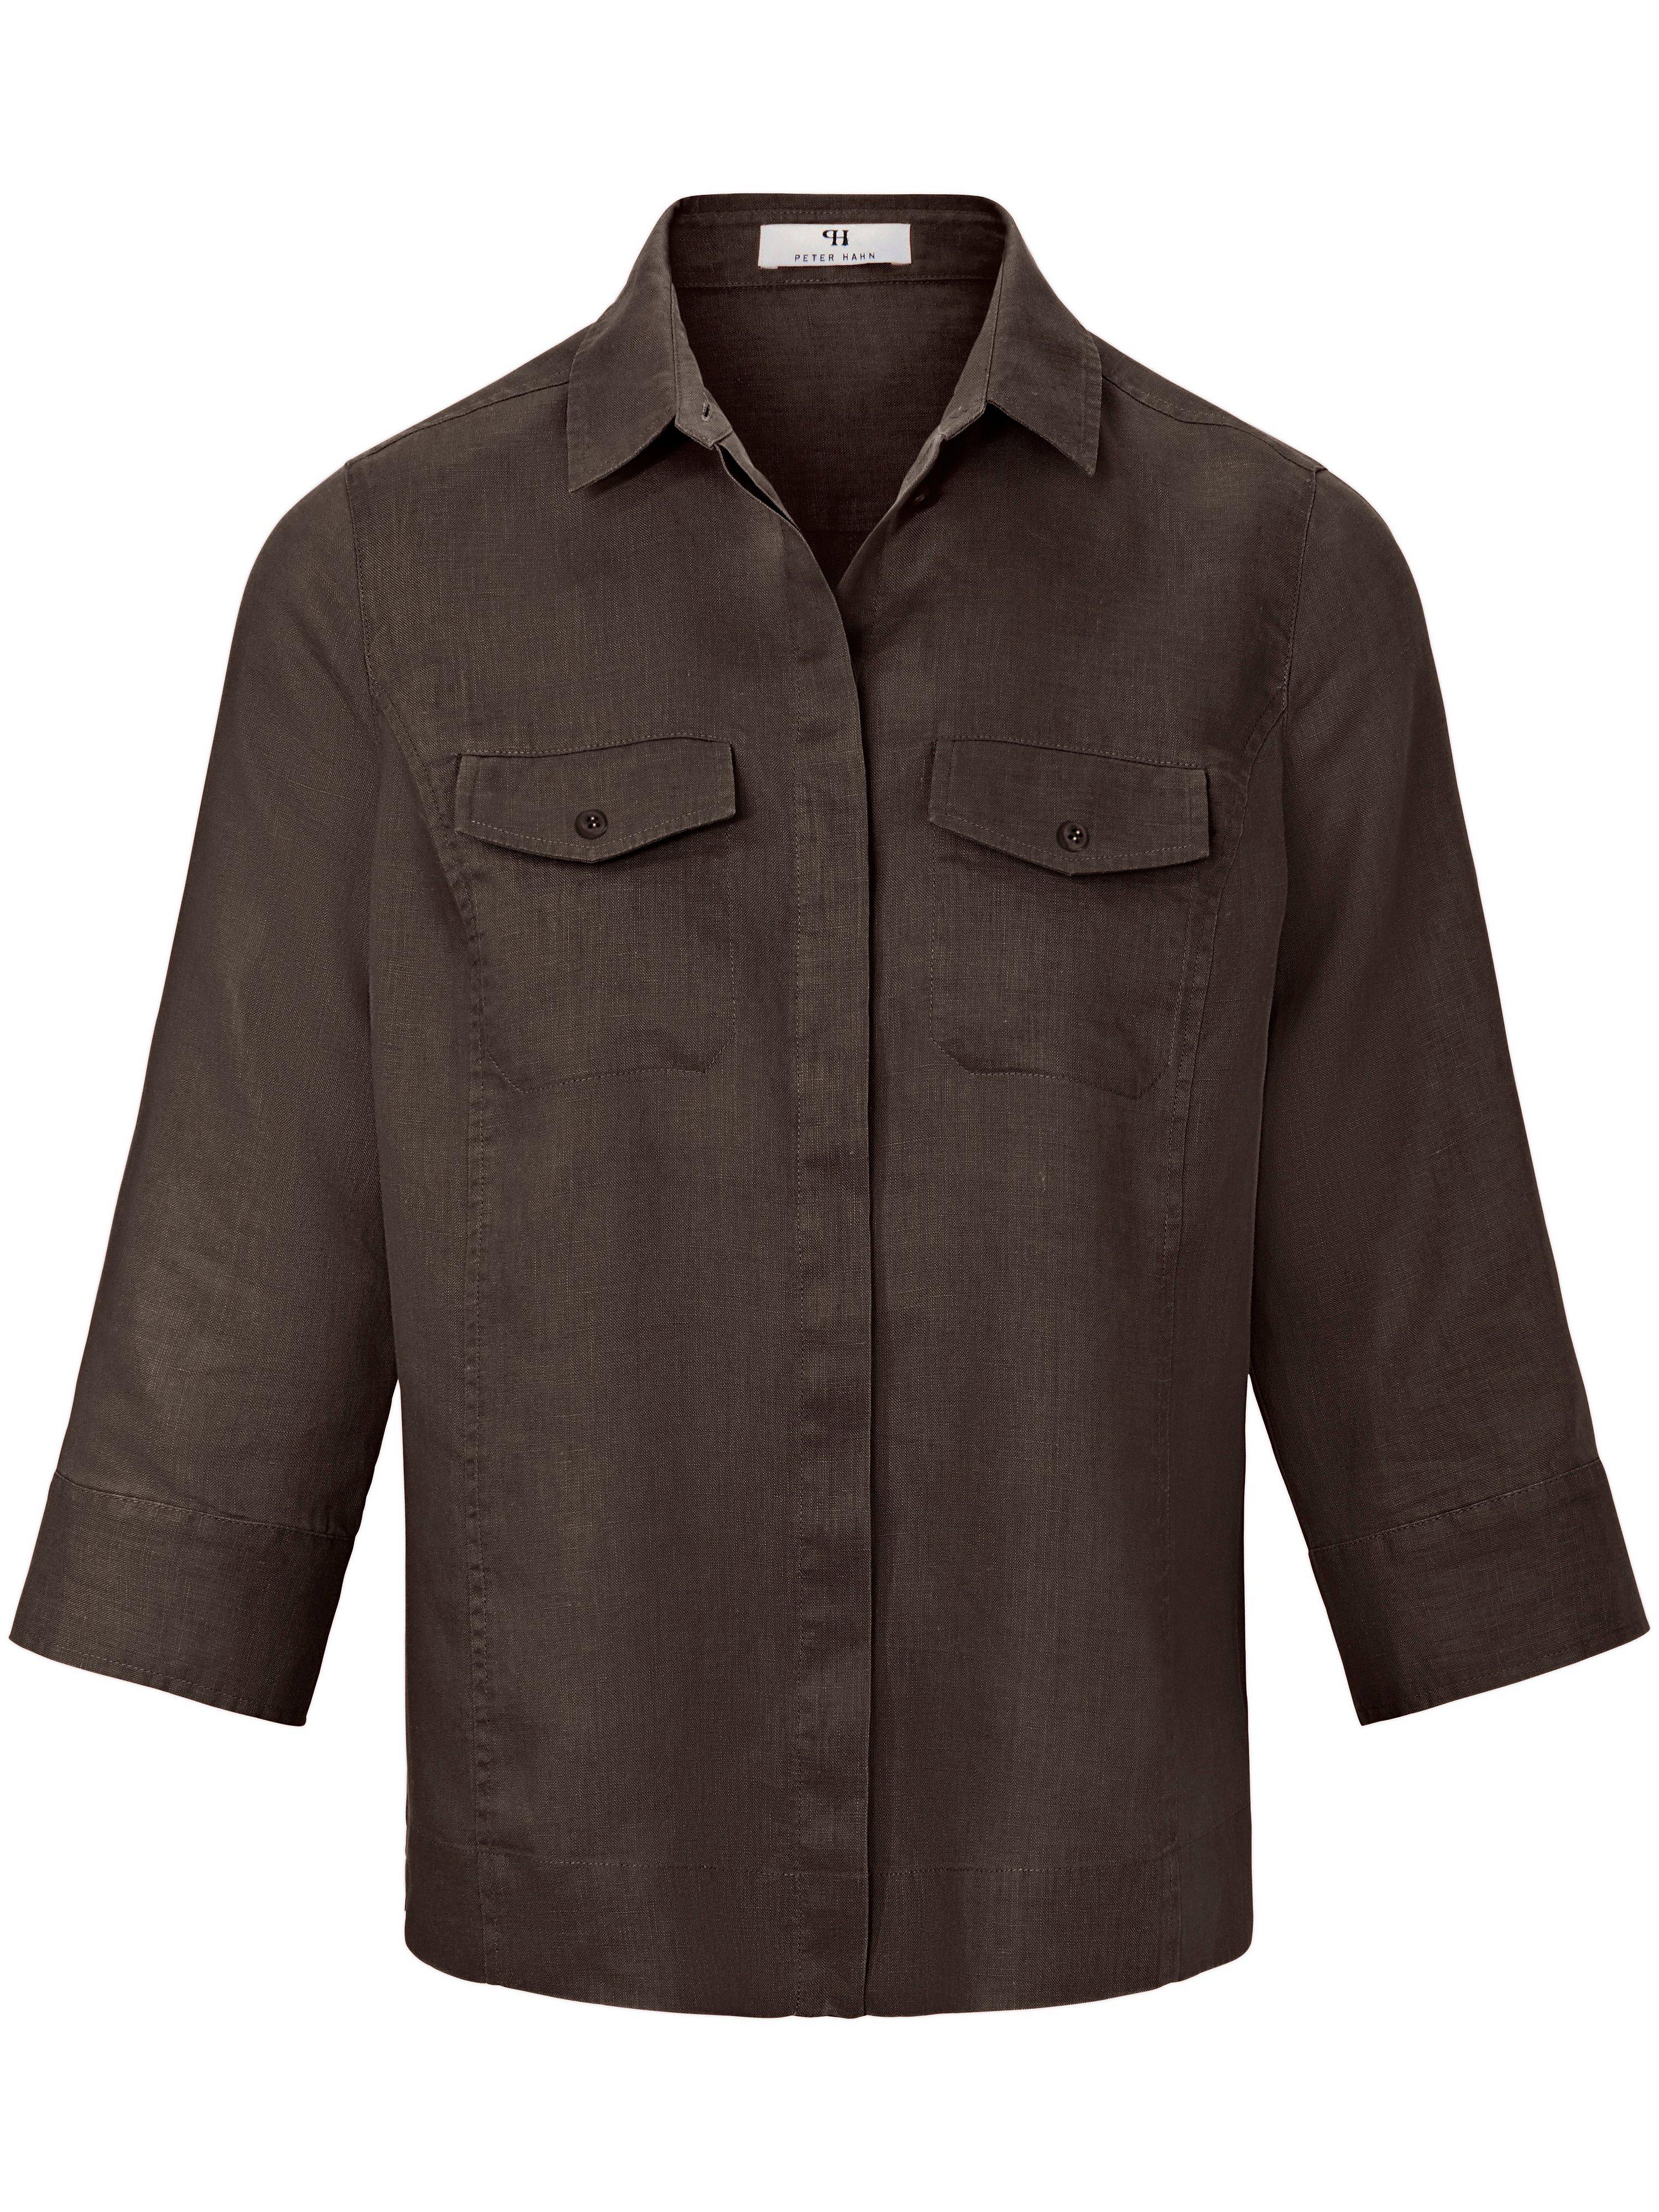 Blouse 100% linnen 3/4-mouwen Van Peter Hahn bruin